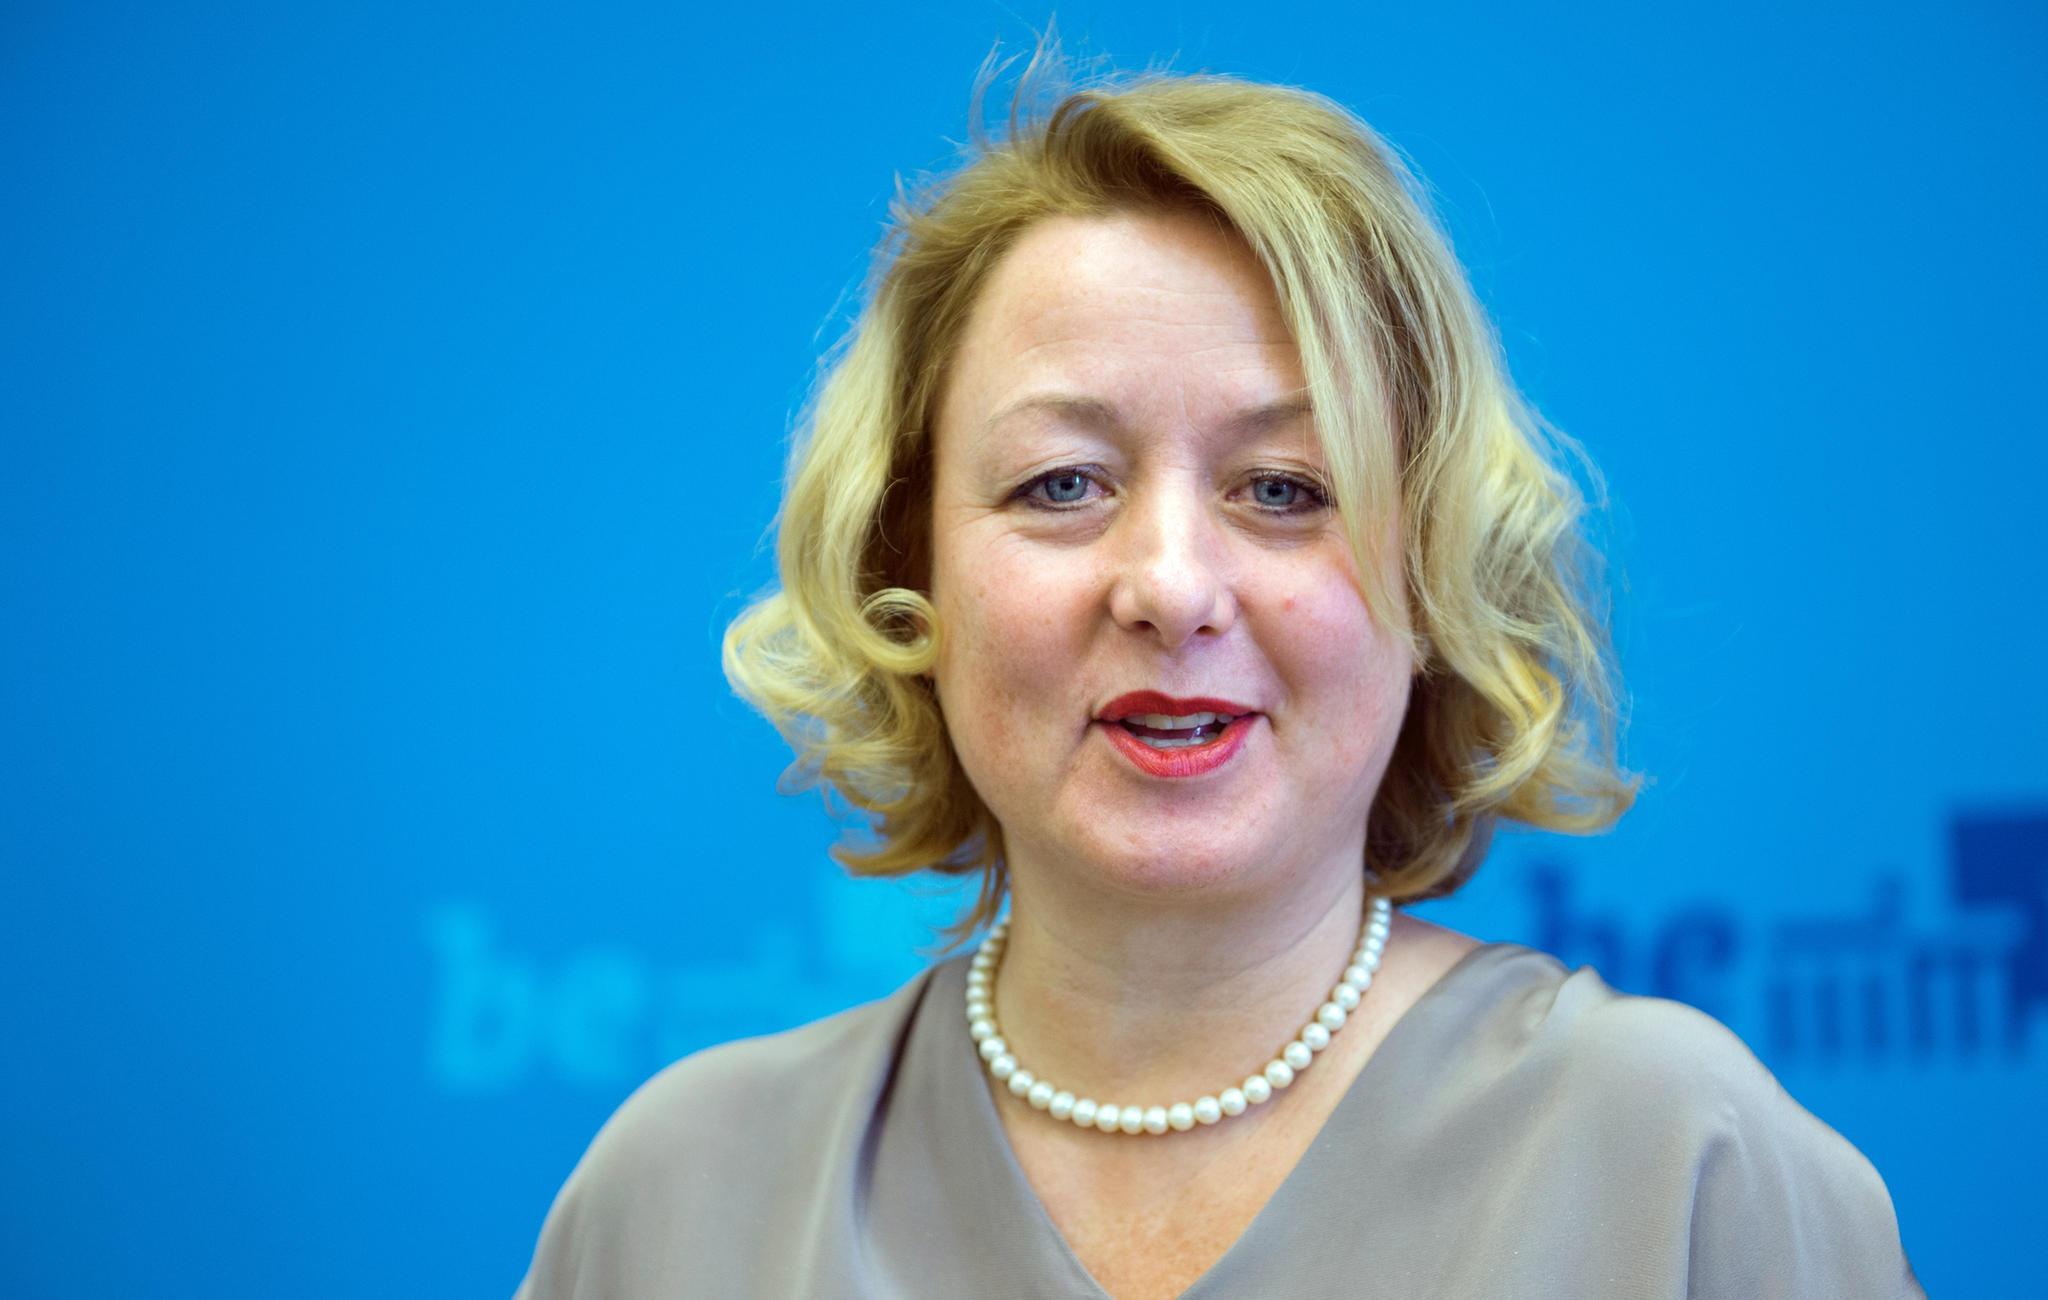 claudia snder hat die berliner senatssprecherin ihren lebenslauf gefak sternde - Lebenslauf Gefalscht